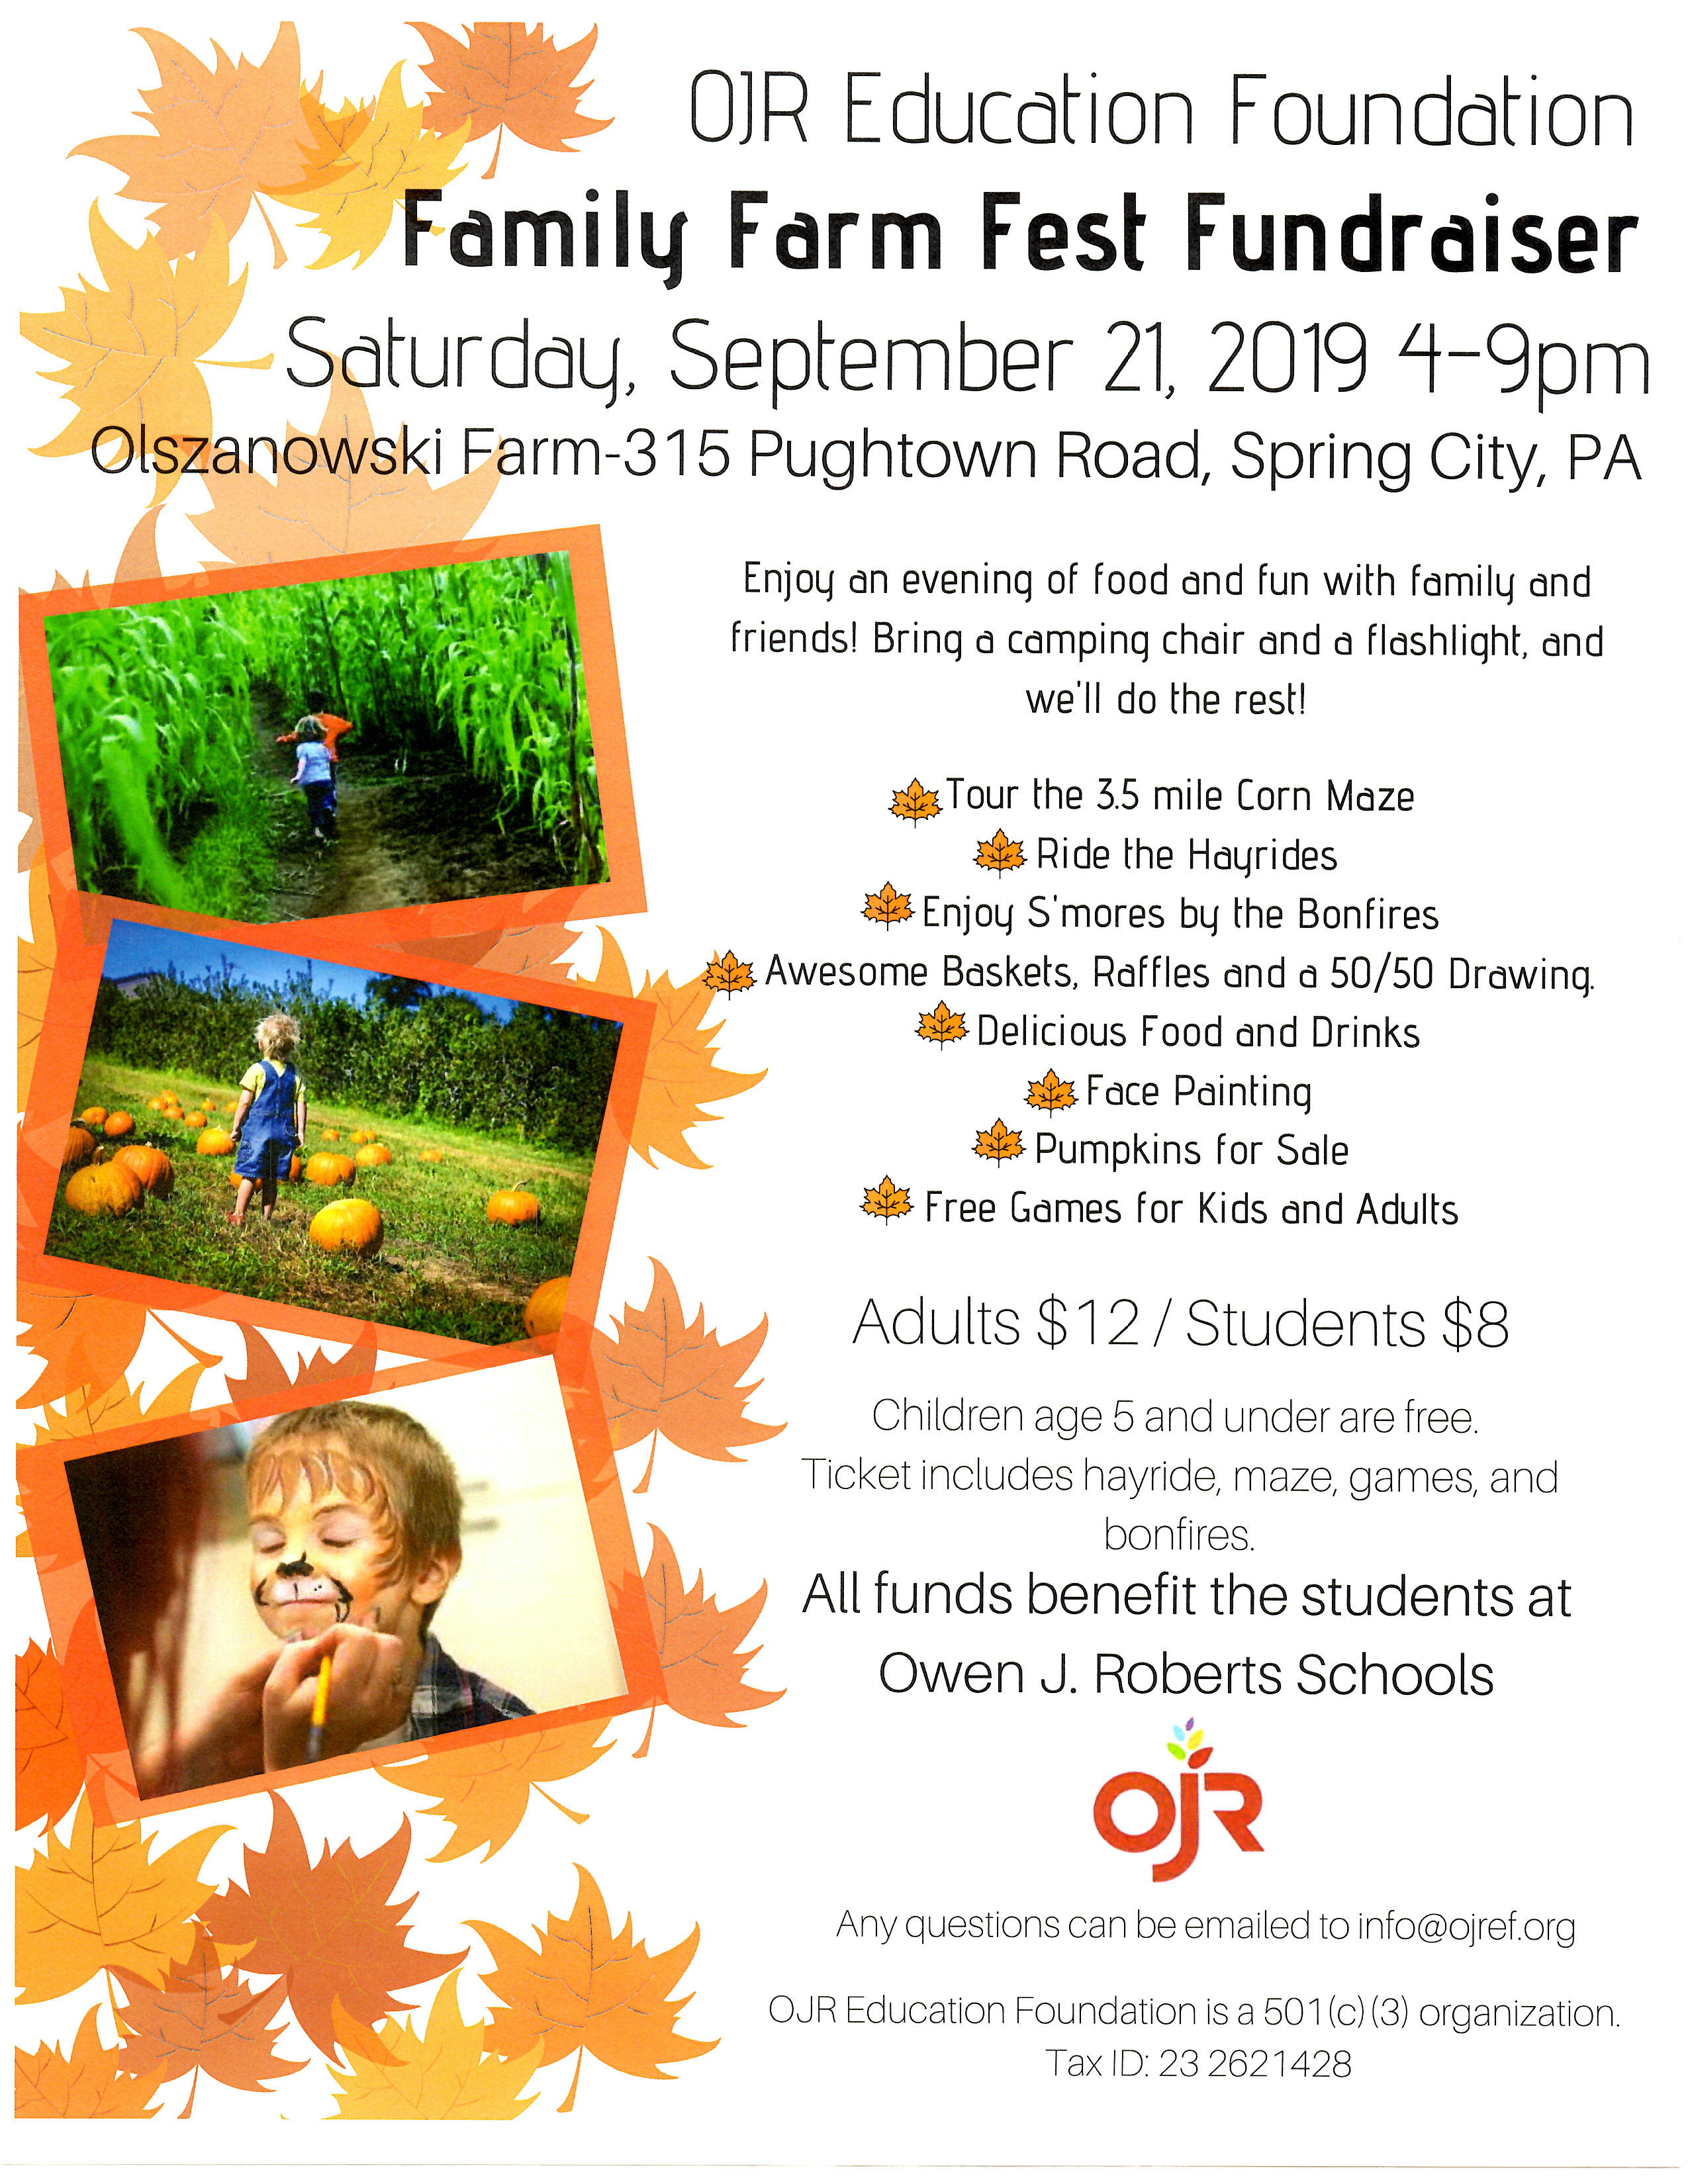 Family Farm Fest Fundraiser